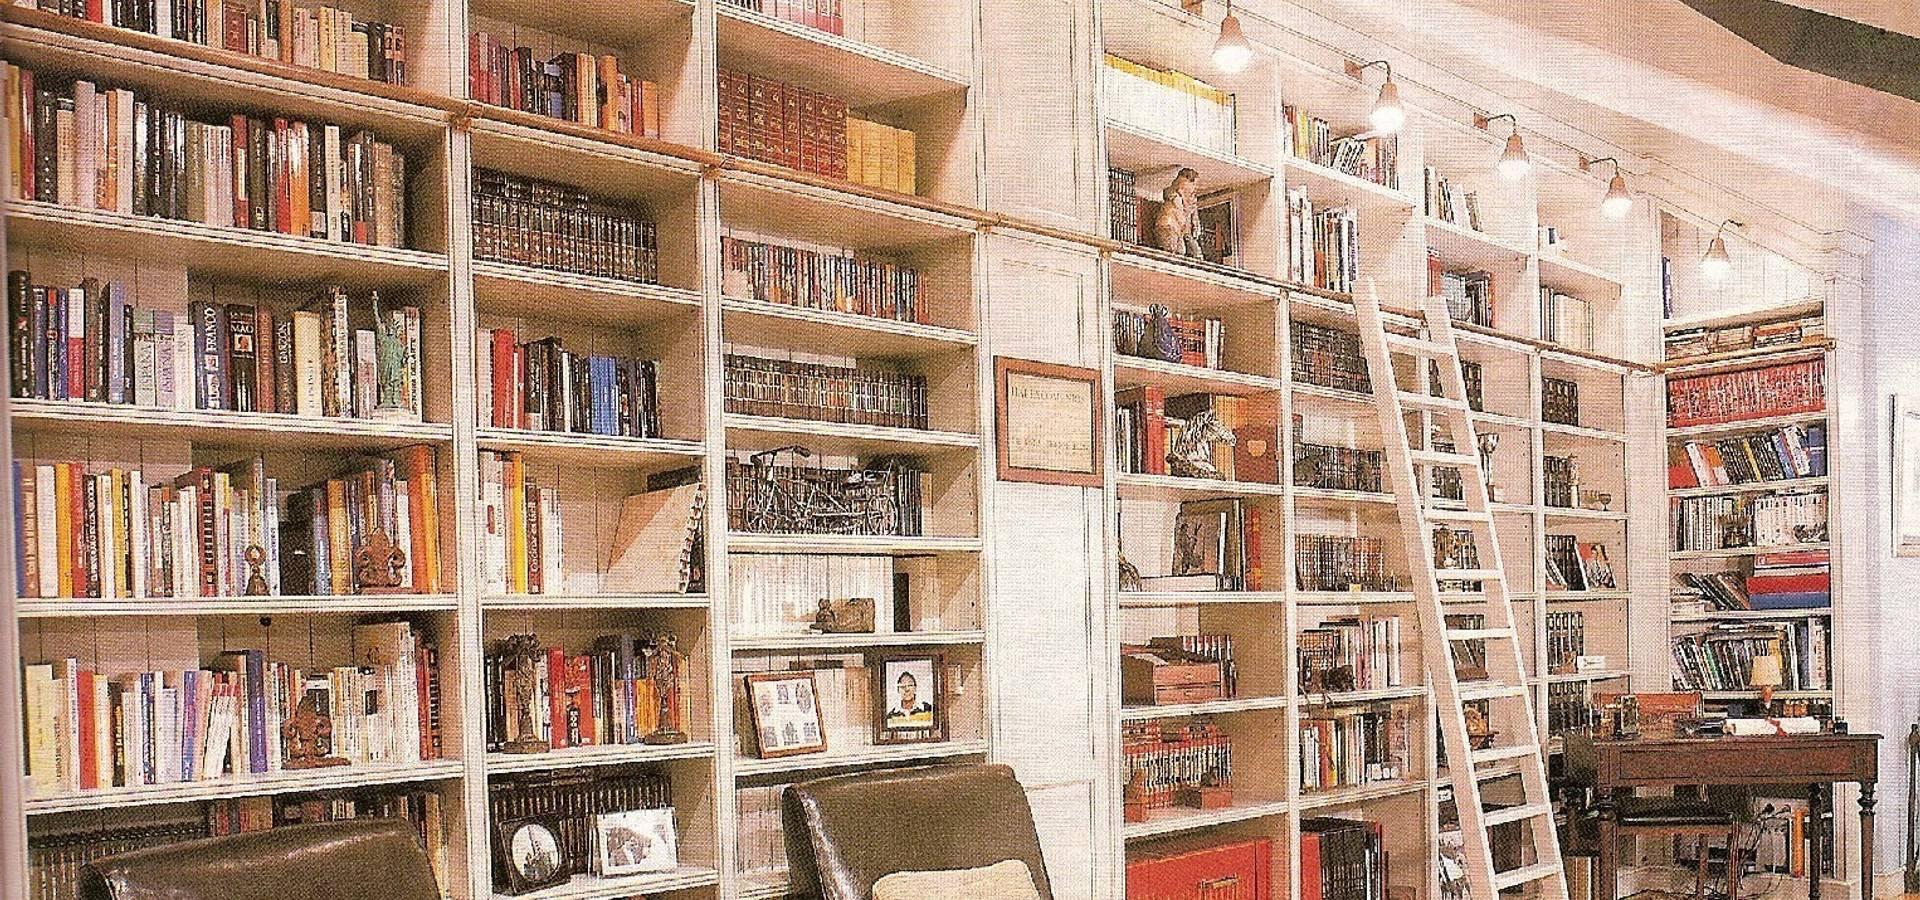 Paco santacreu s l muebles y accesorios en coslada homify - Muebles en coslada ...